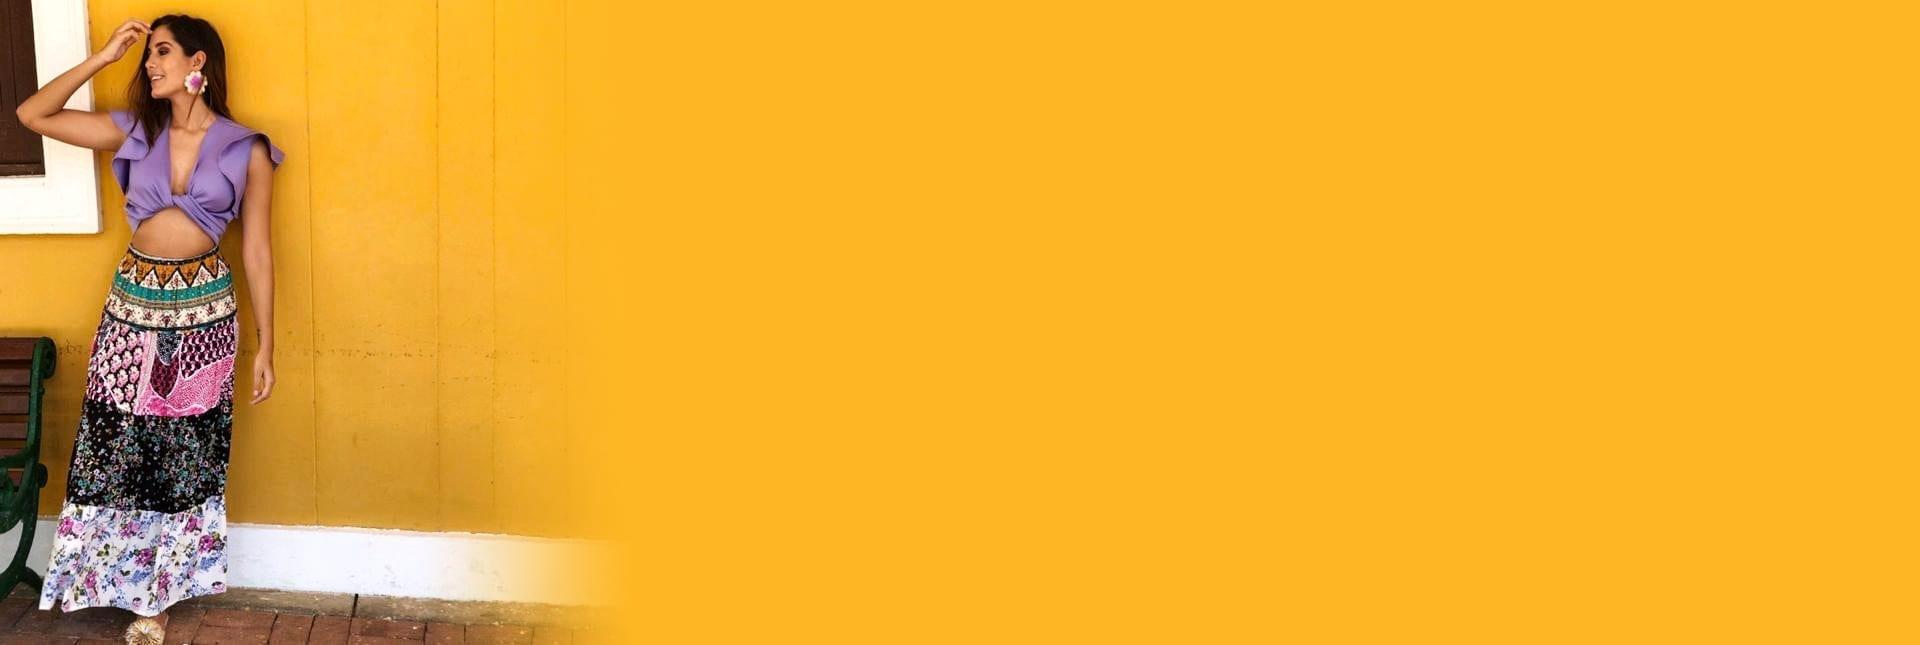 banner home antigona blusa anastasia morado fondo amarillo